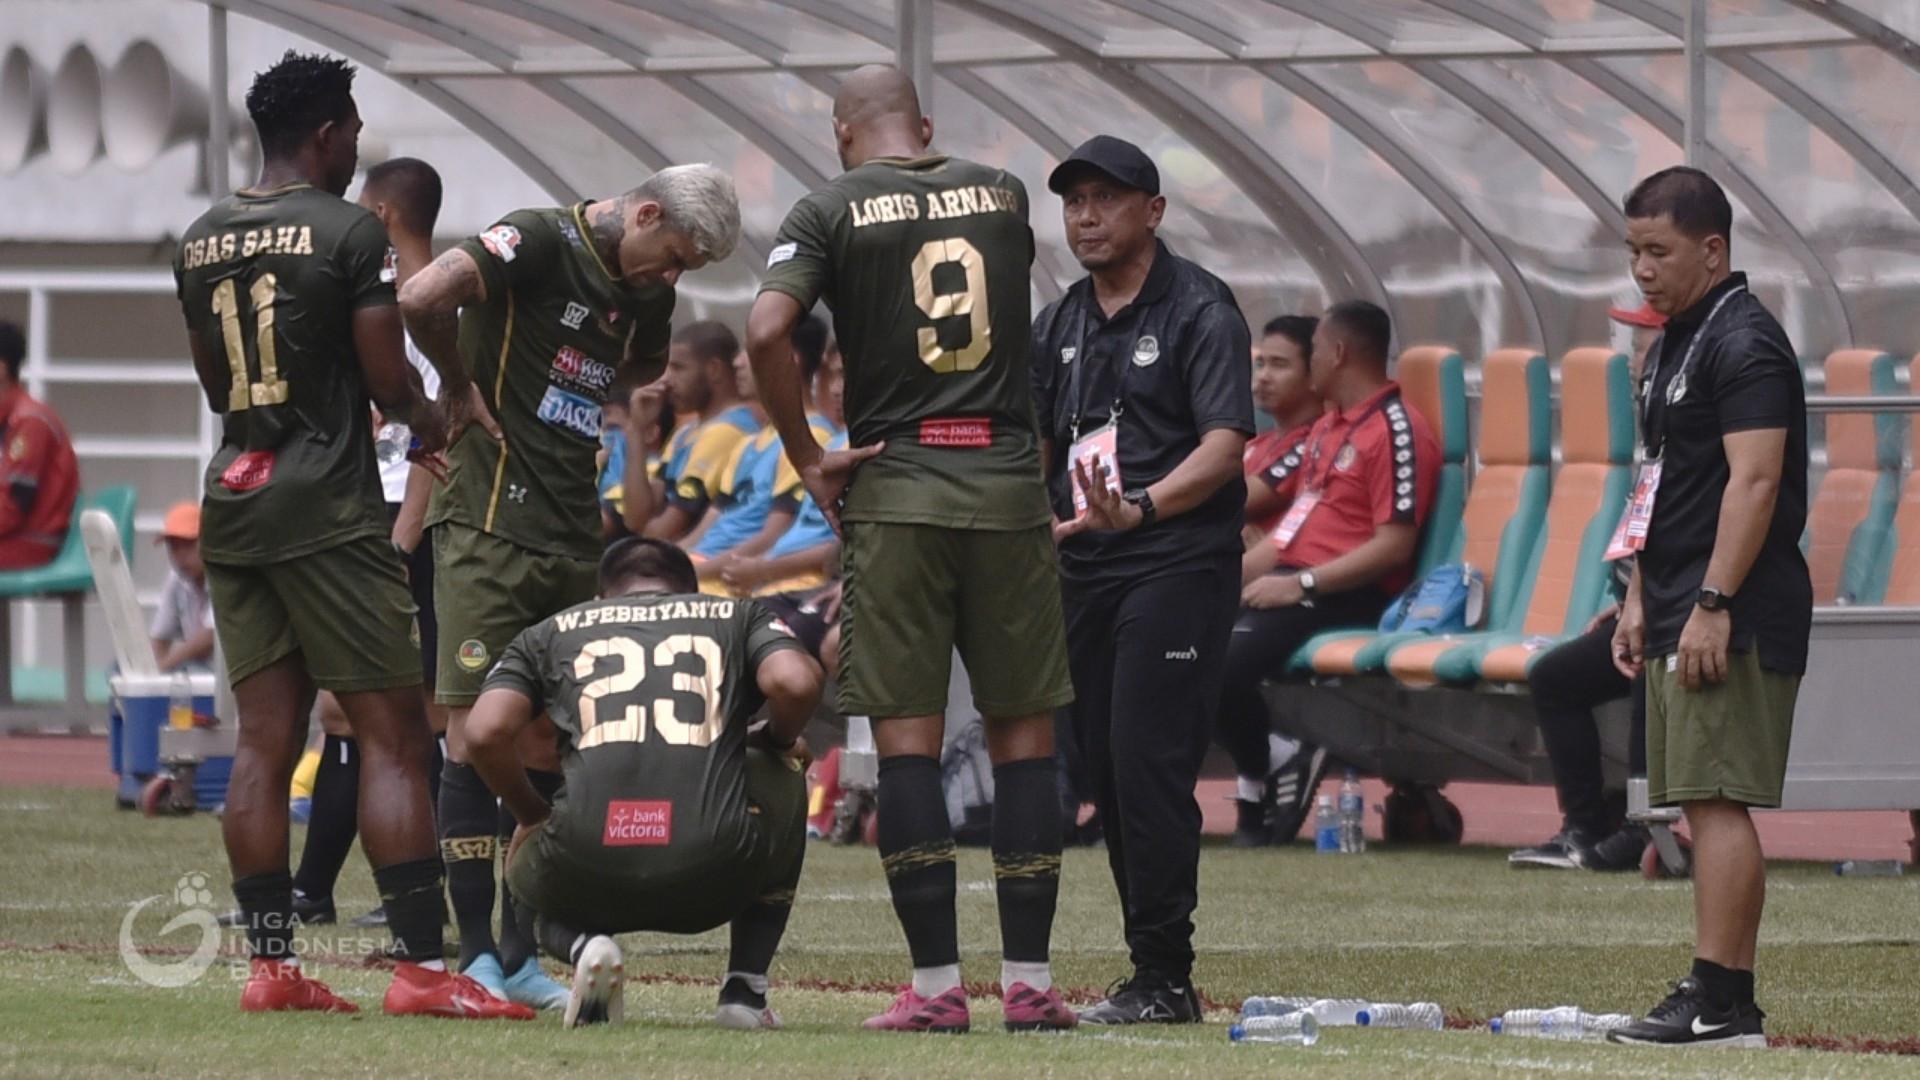 Sudah Saatnya PS Tira Persikabo Lupakan Gelar Juara - JPNN.com